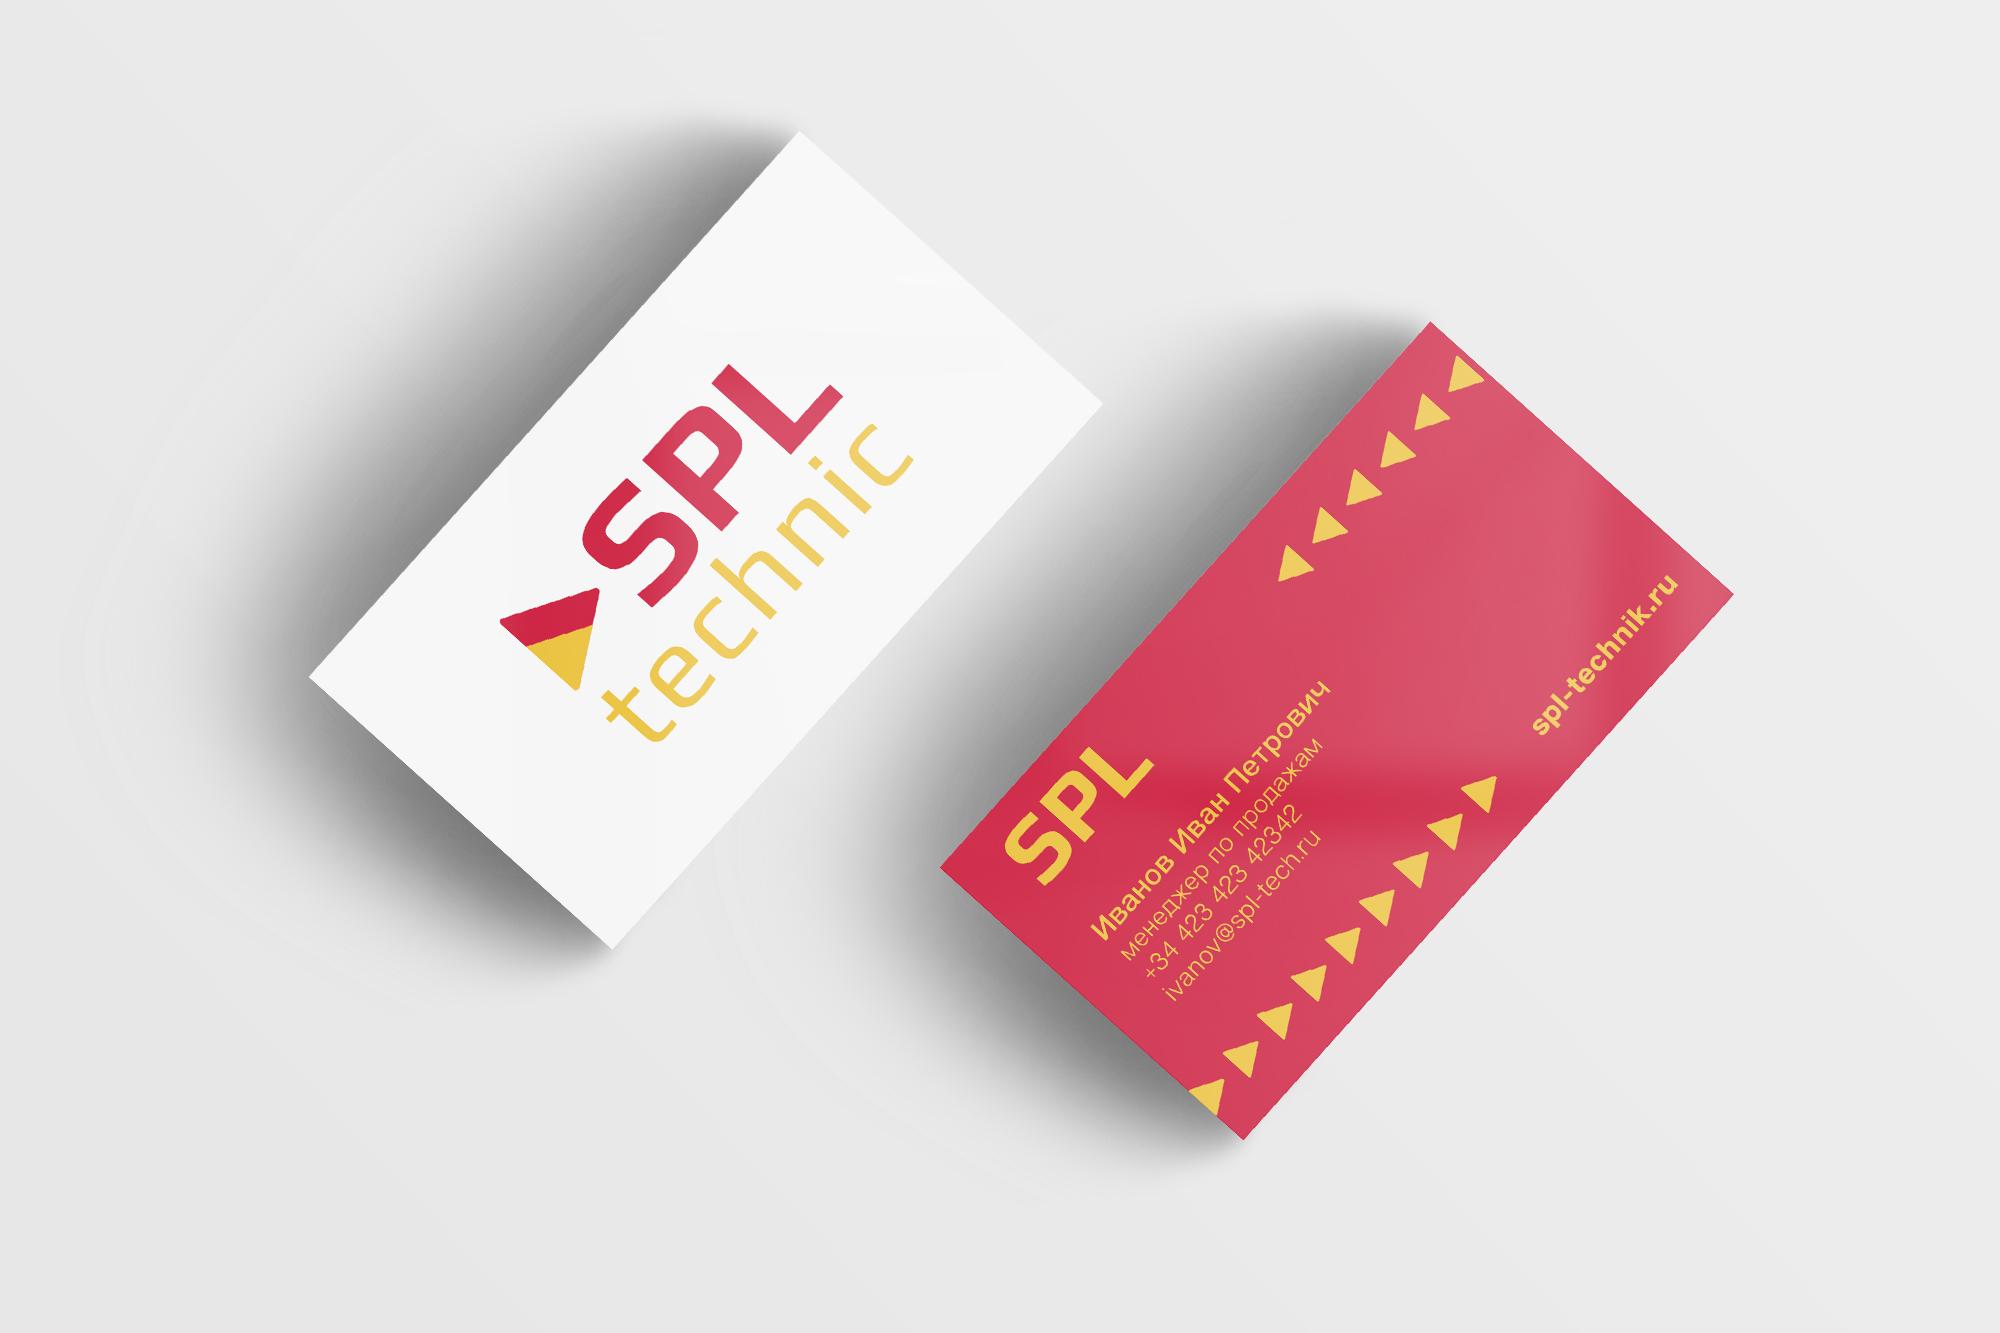 Разработка логотипа и фирменного стиля фото f_51059b6a44072fd6.jpg